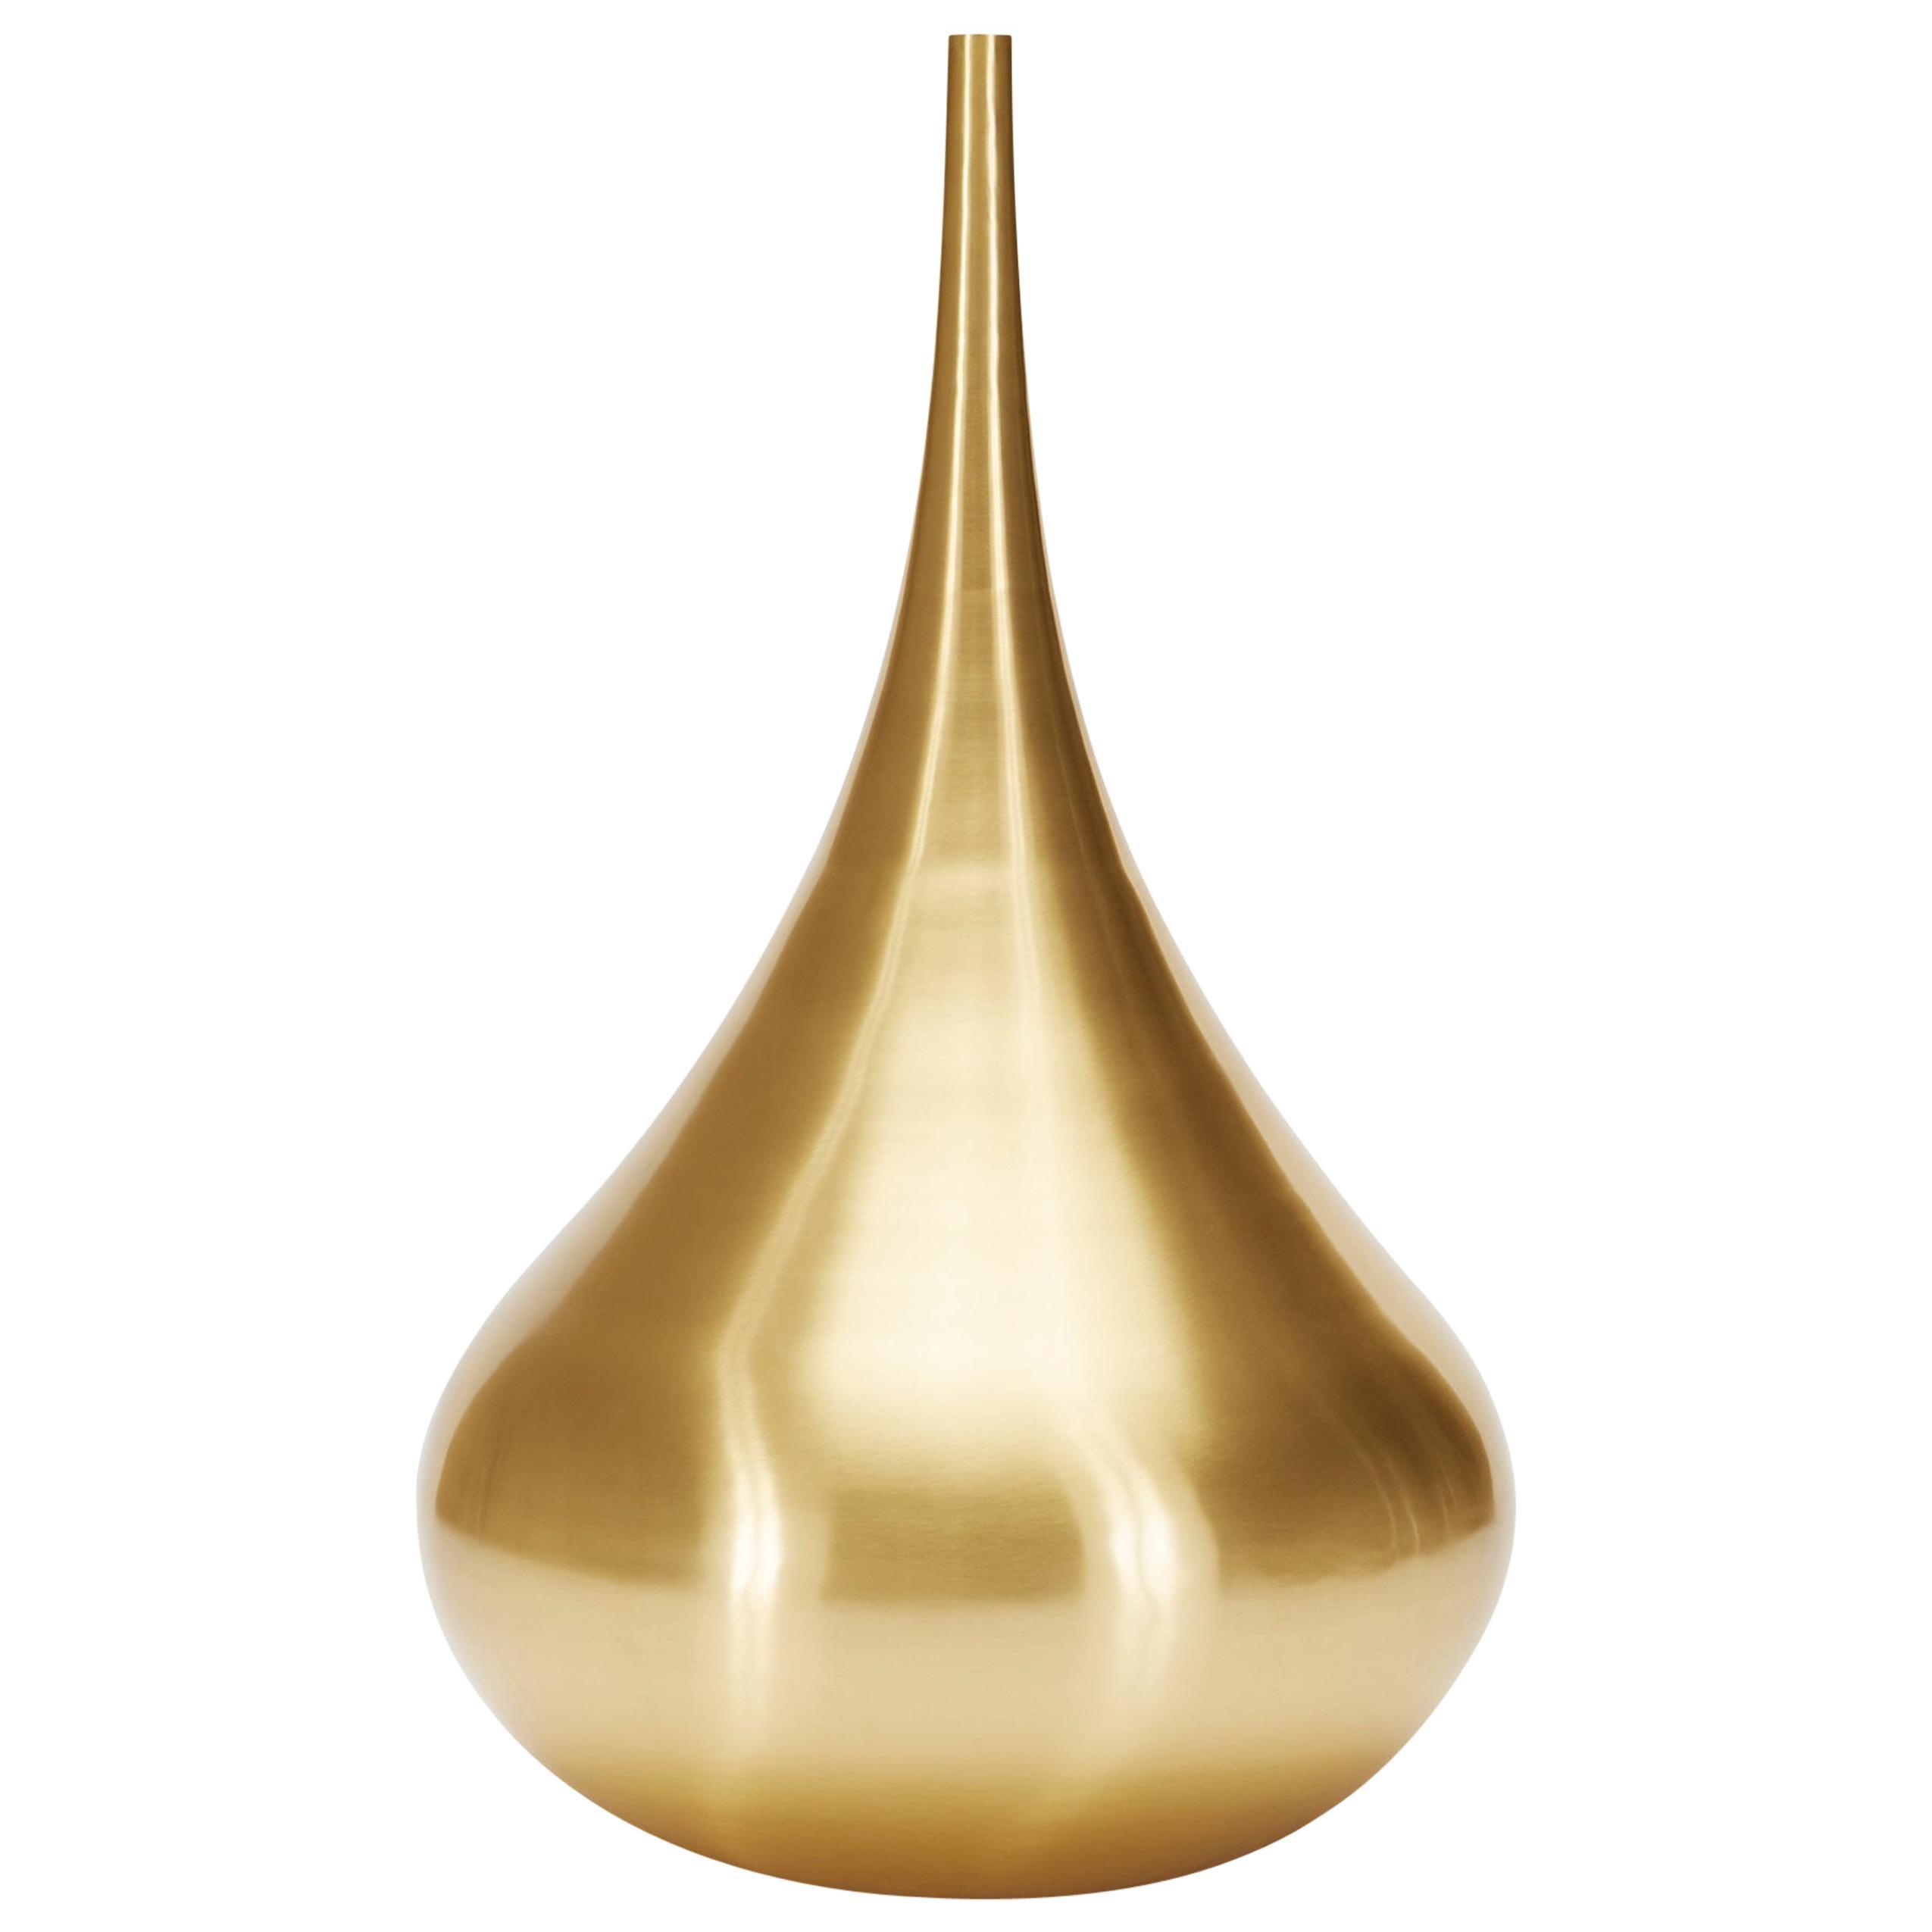 Beat Drop Vessel in Brass by Tom Dixon